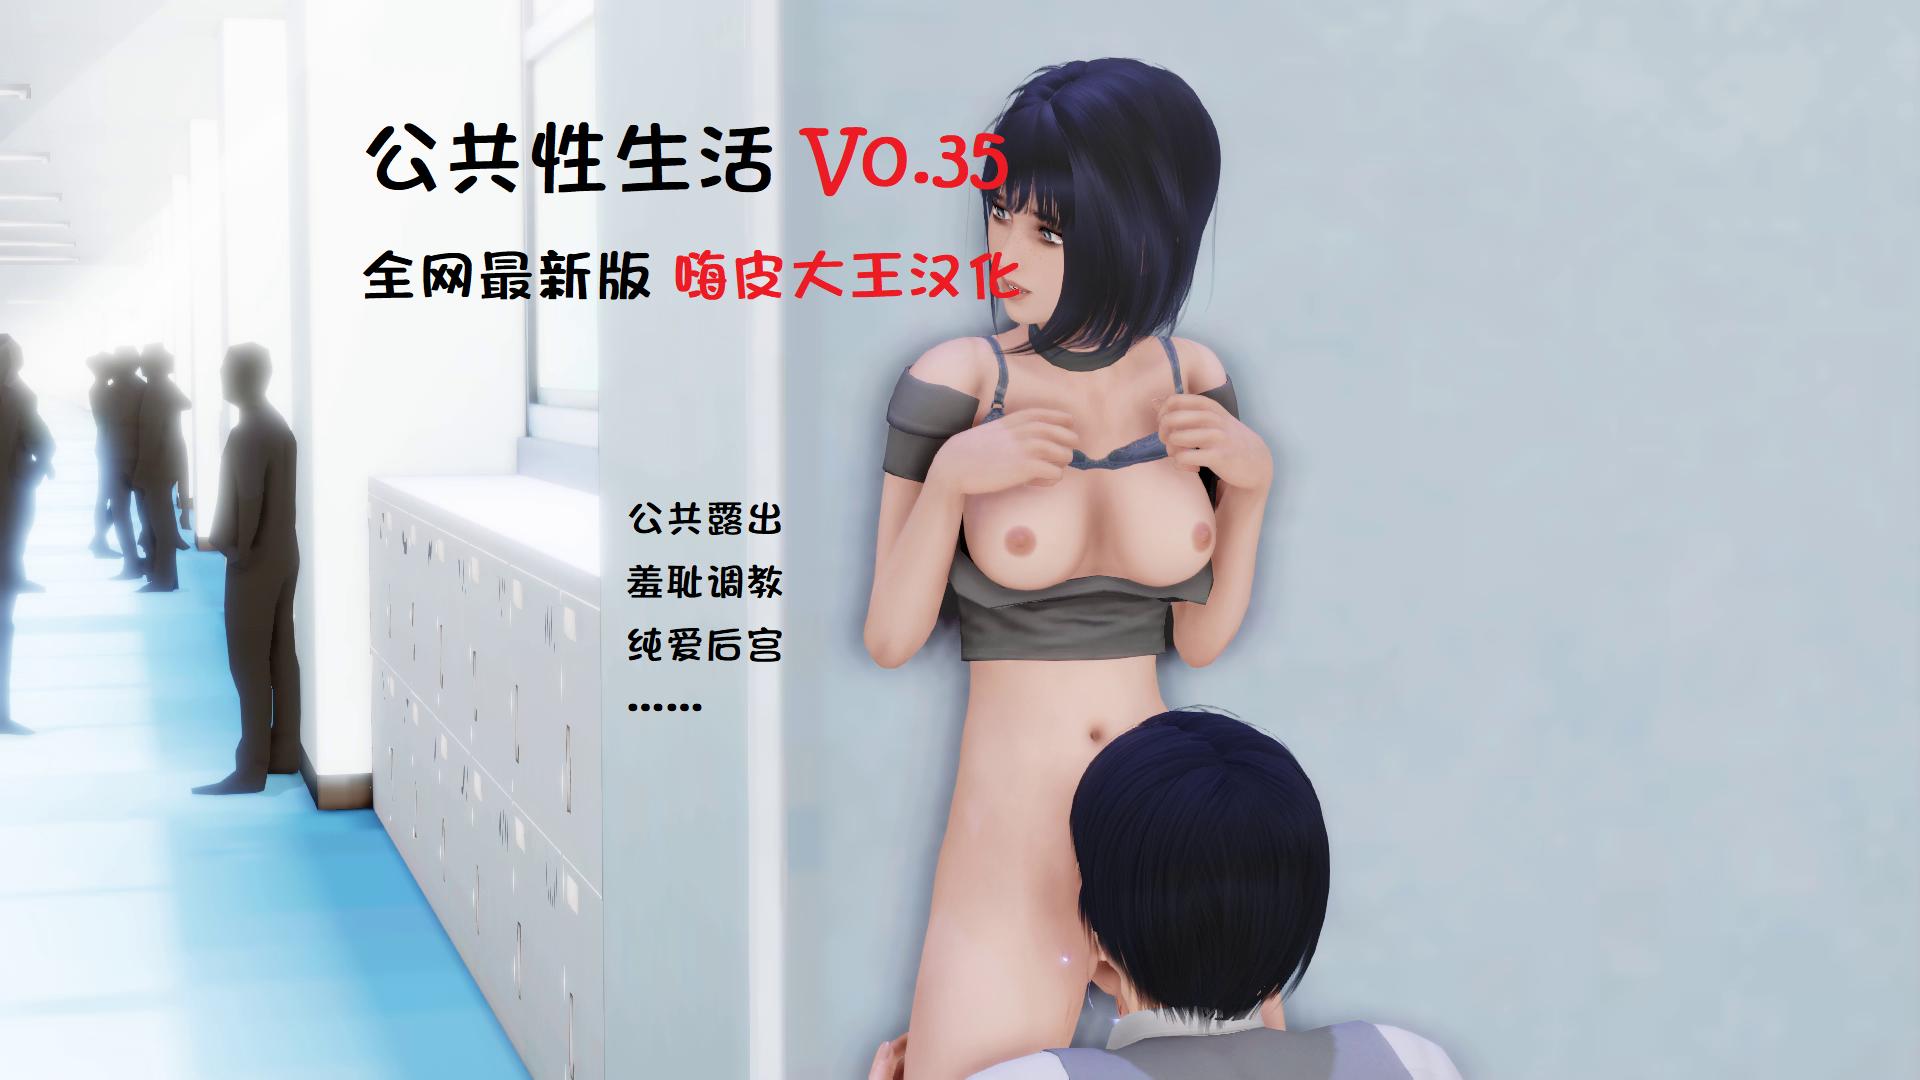 【欧美SLG/羞耻露出/国风调教】公共性生活 V0.35 嗨皮大王汉化版 PC【动态/安卓+PC/1.5G】